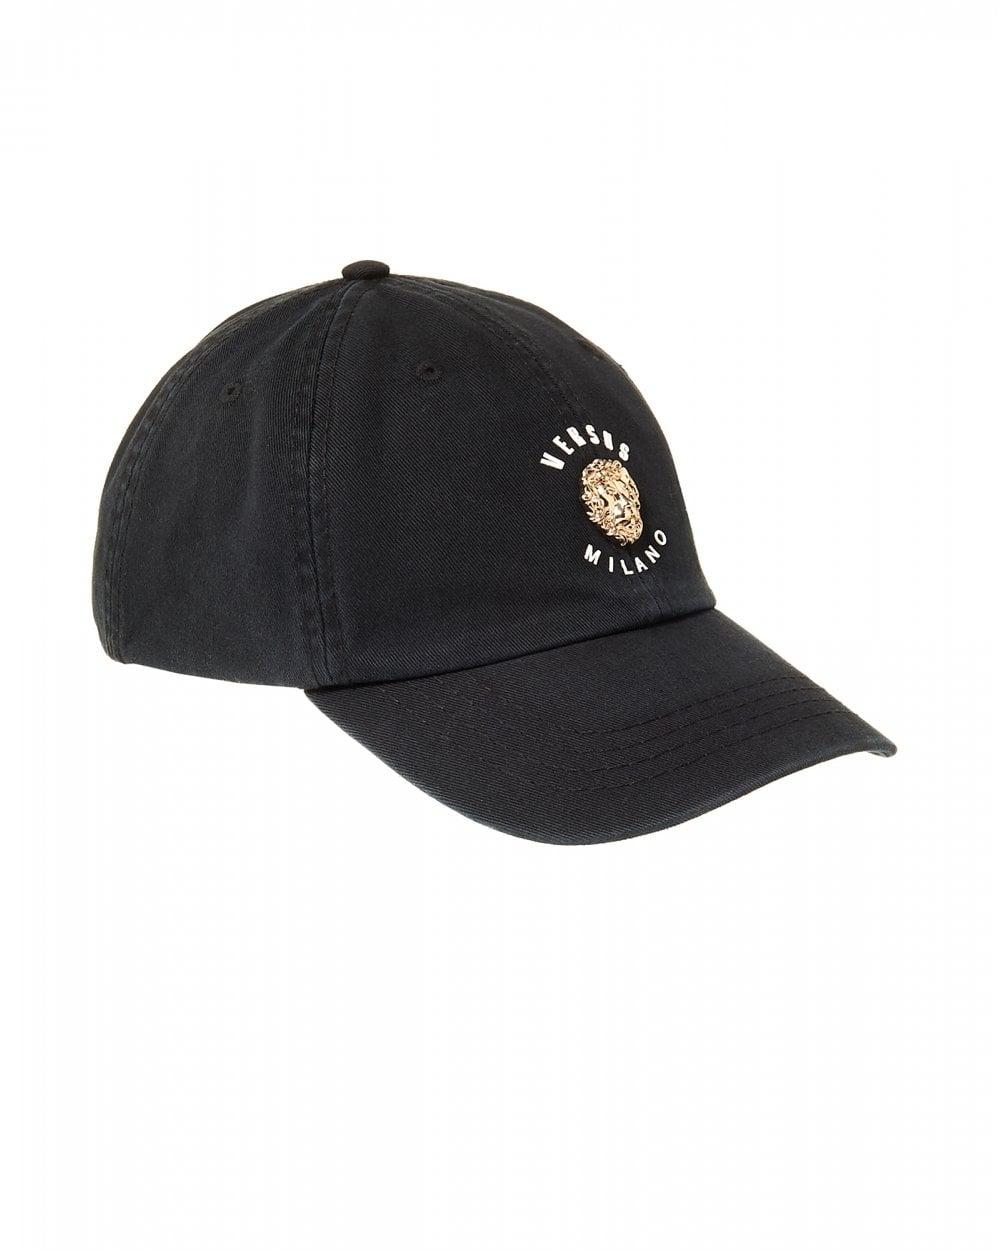 Versus Versace Mens Metal Lions Head Black Baseball Cap f62f6e30dbbe